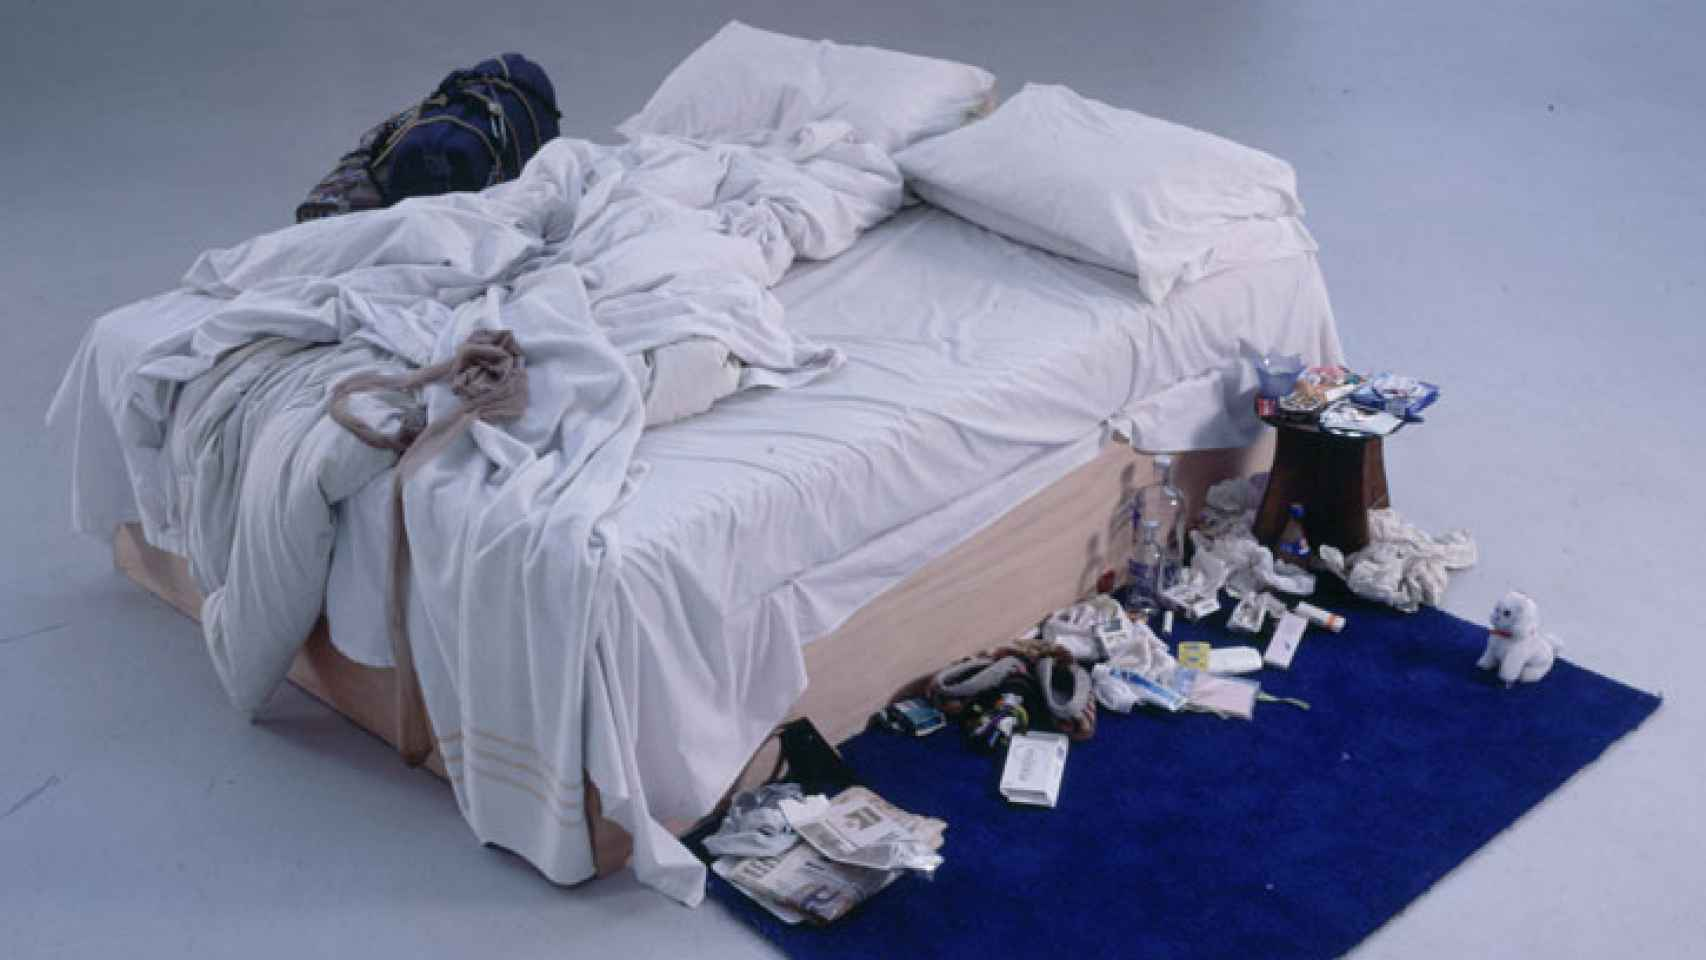 La obra de Tracey Emin, My bed.